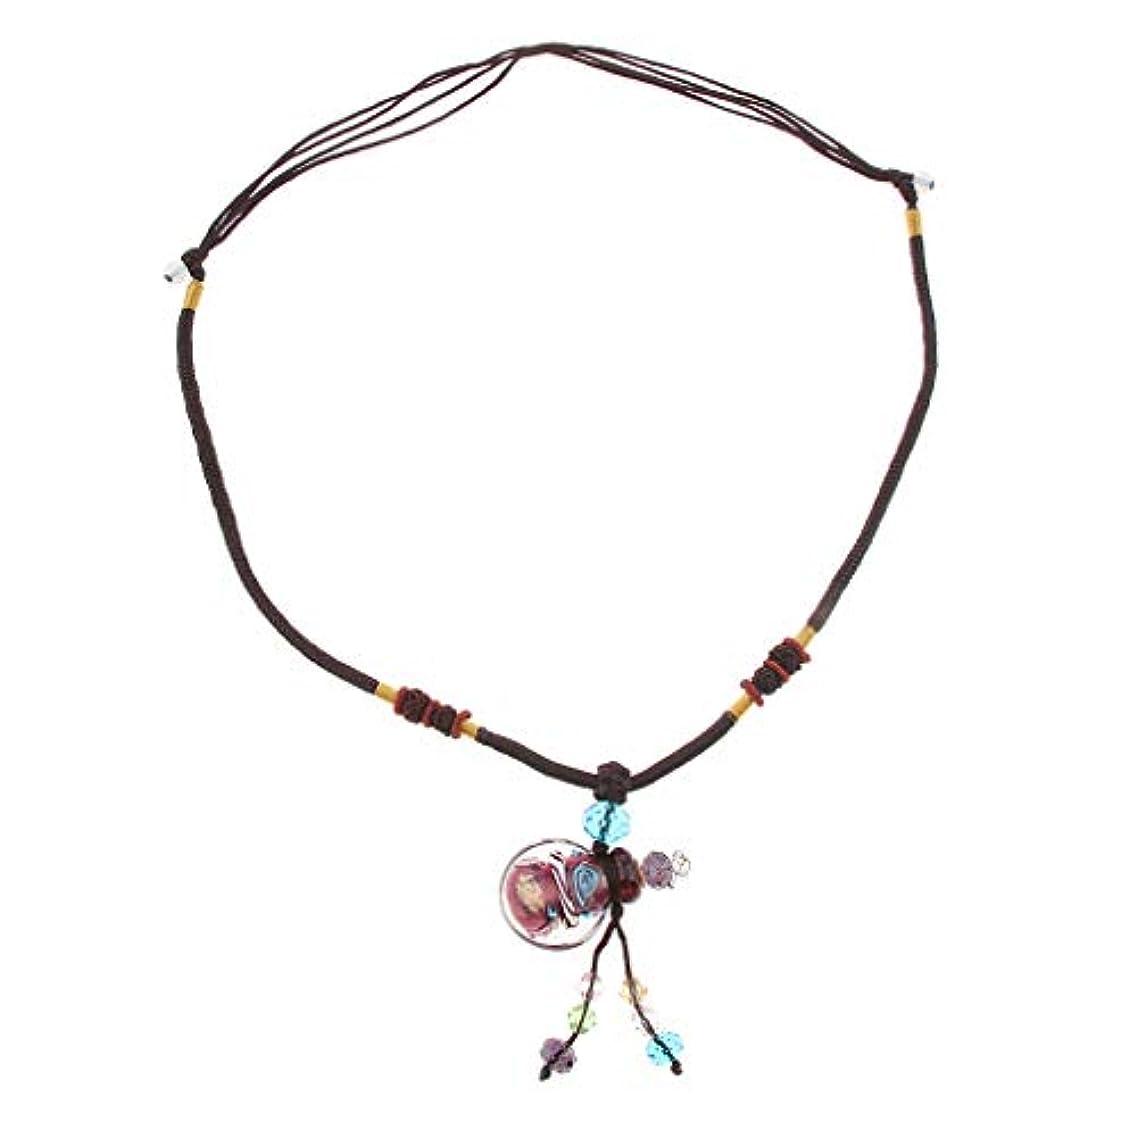 ヒューズプロフィール愛するPerfeclan 香水ネックレス ミニ ガラス ロケット ペンダント エッセンシャルオイル ディフューザー 3色選べ - 紫